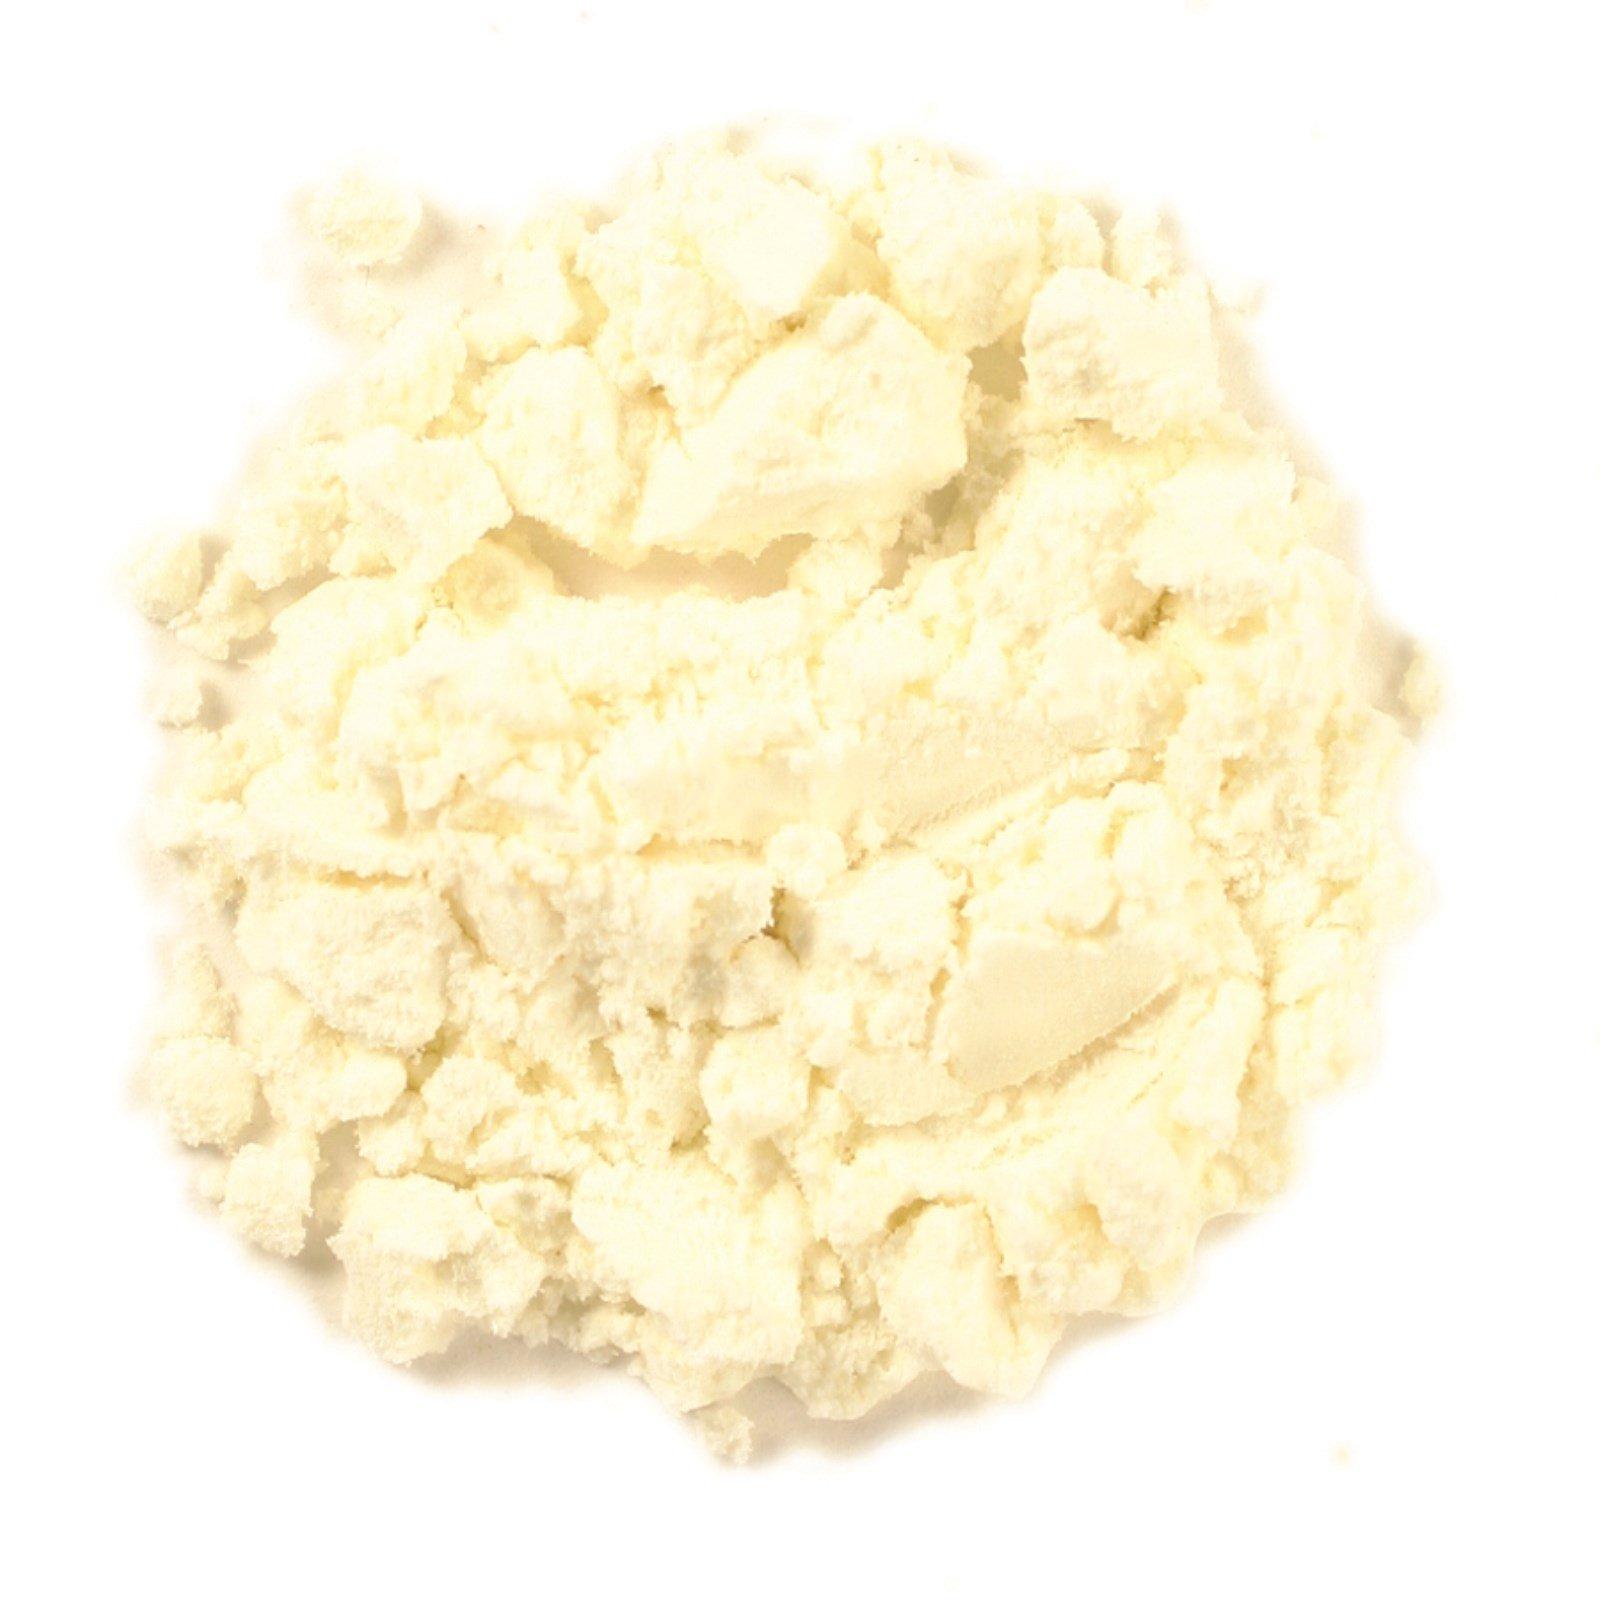 Frontier Natural Products, Органический порошо из белого сыра чеддер, 16 унций (453 г)